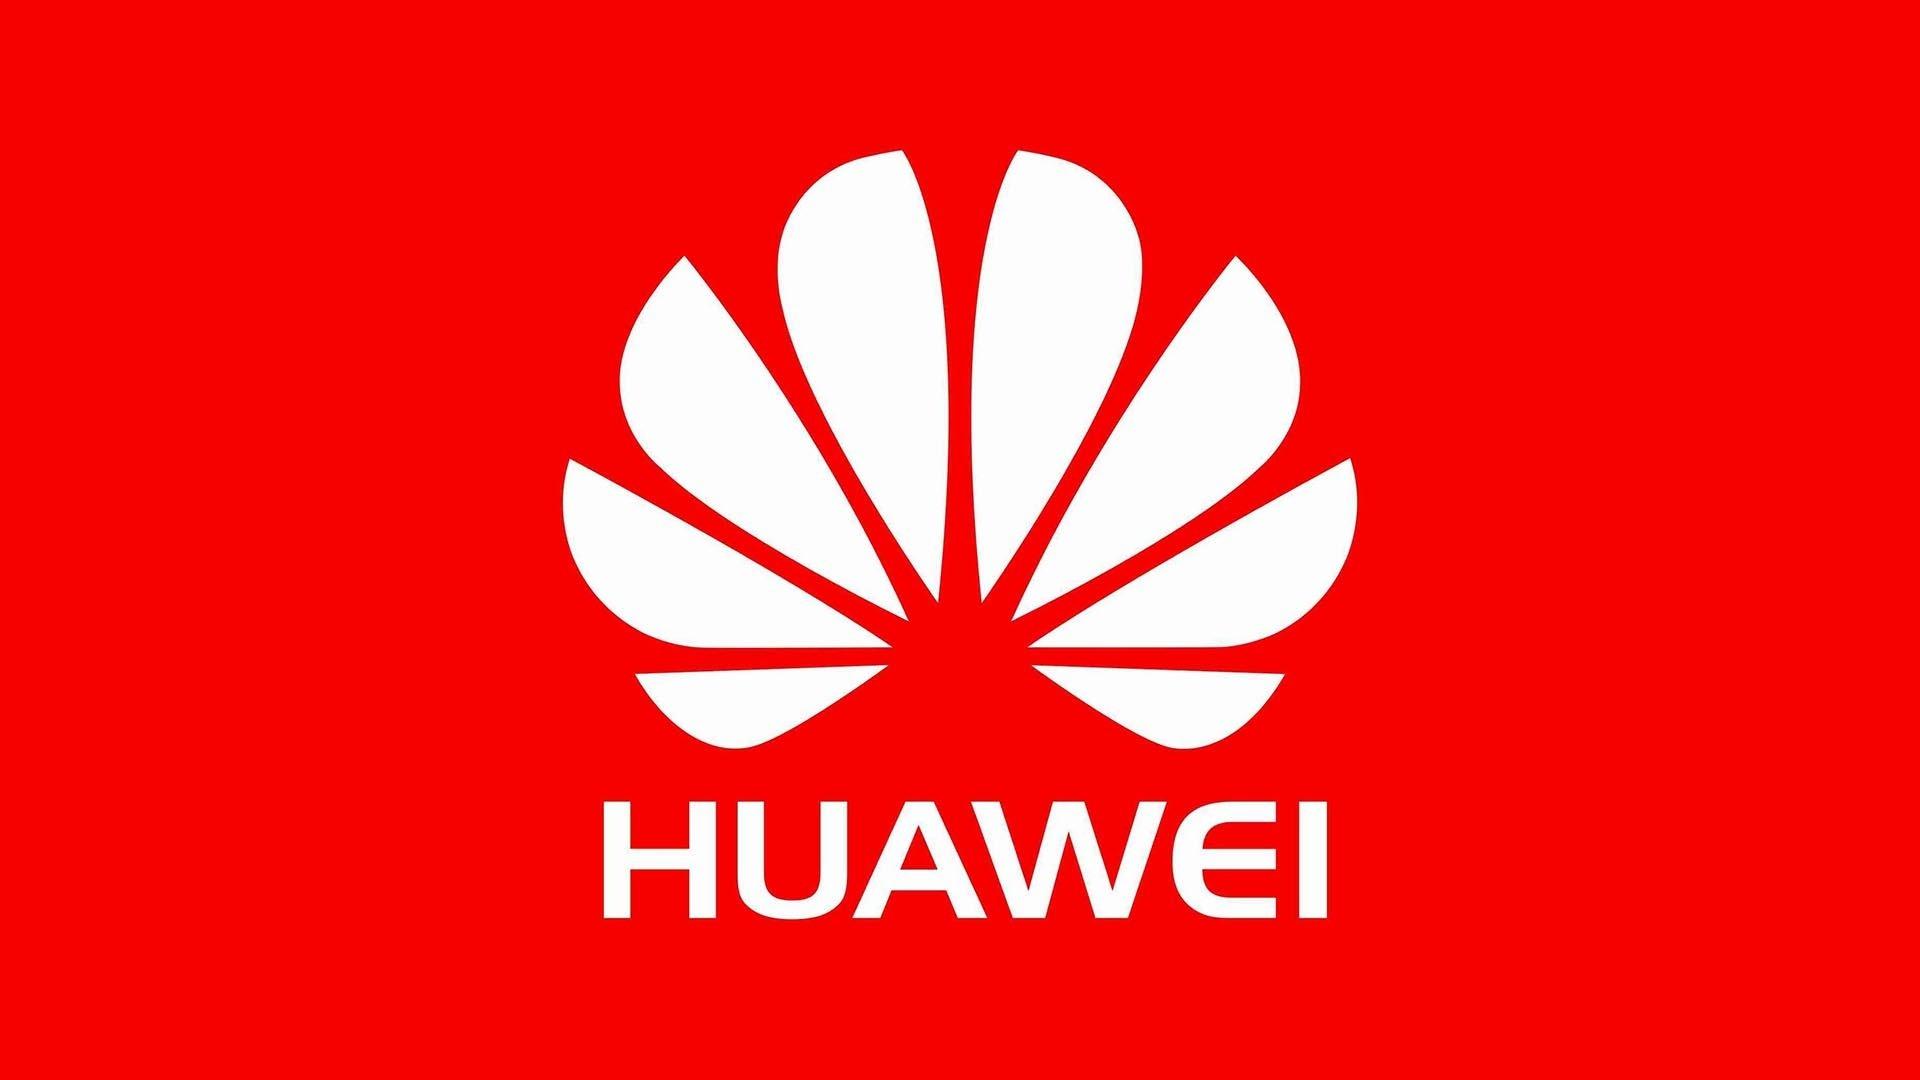 Huawei logo vermelho